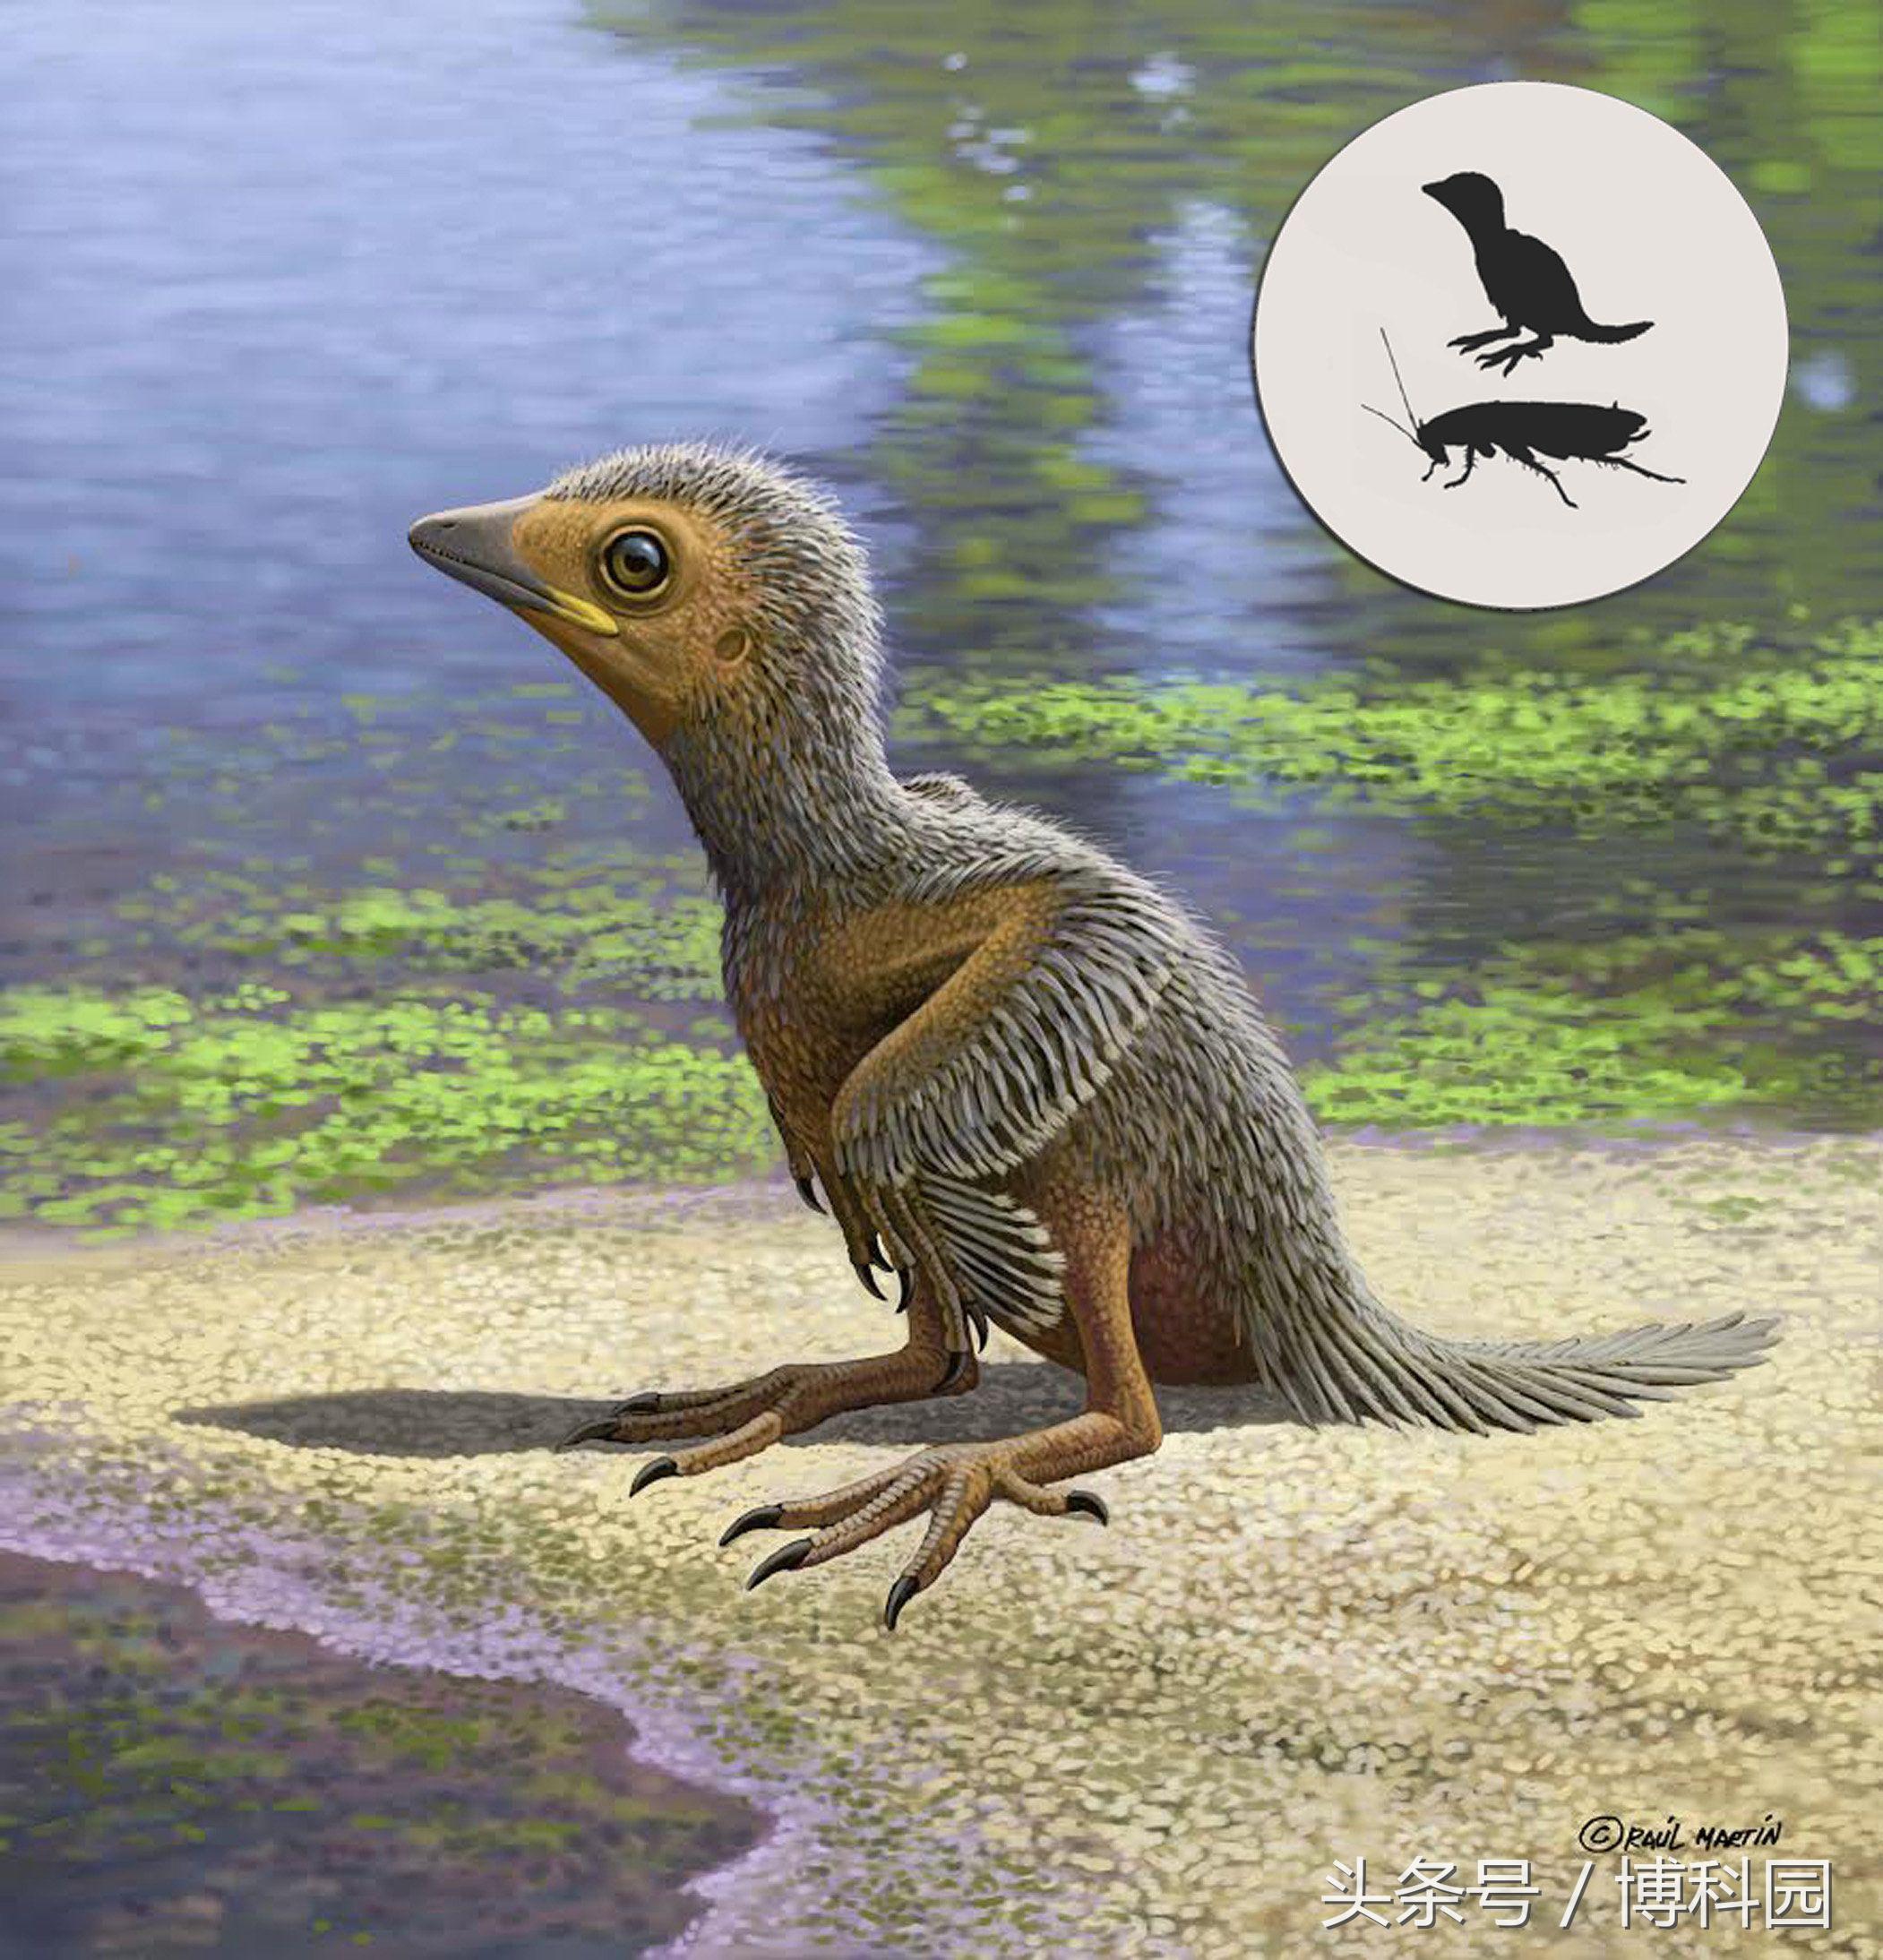 1.27亿年前的幼鸟化石揭示了禽类进化过程